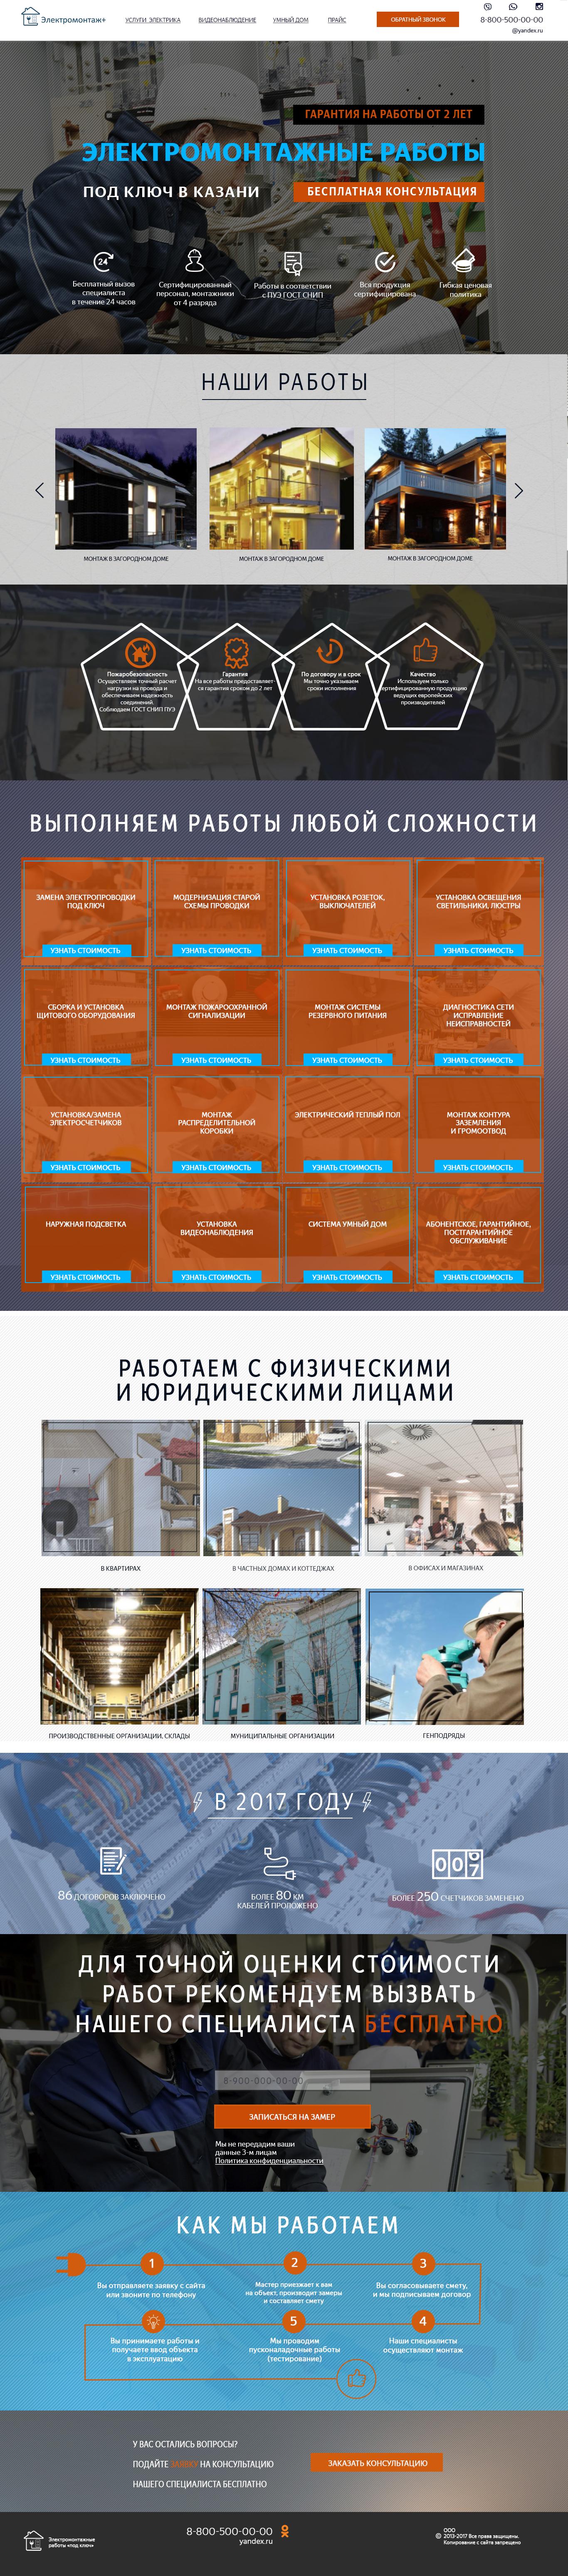 Сайт компании по электромонтажным работам